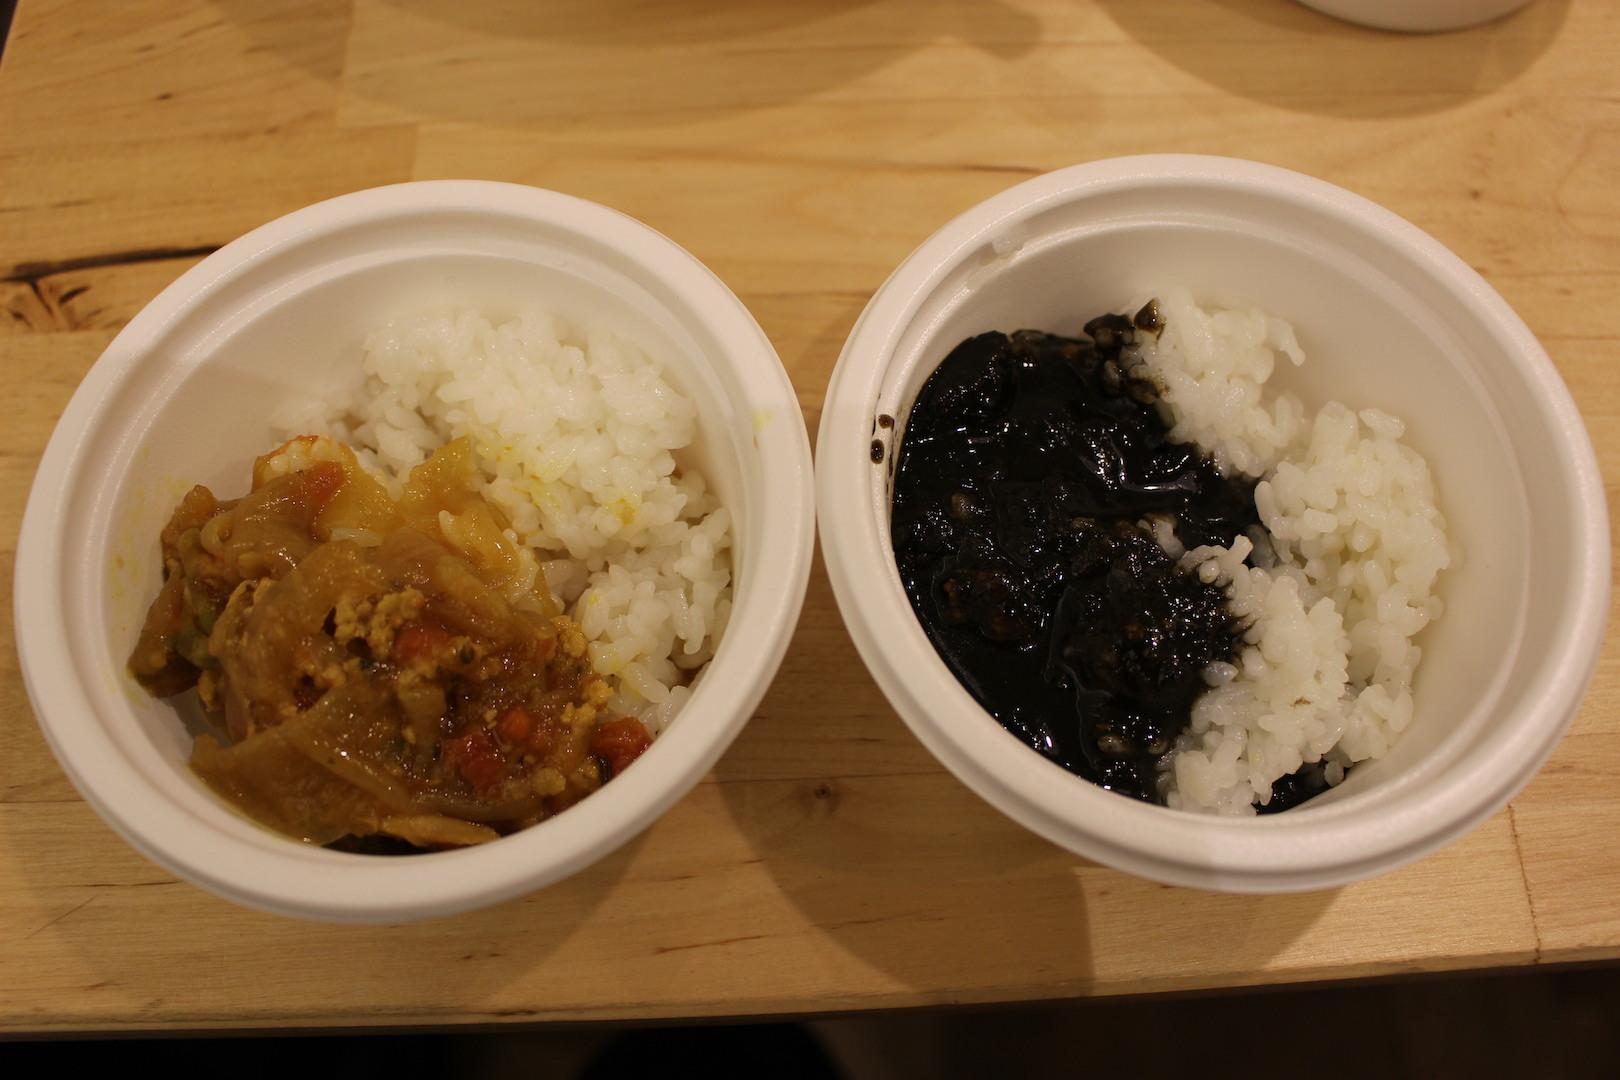 f-cafe「鯛とあさり出汁のキーマカレー」(写真左)「洋食屋さんの黒カレー」(写真右)